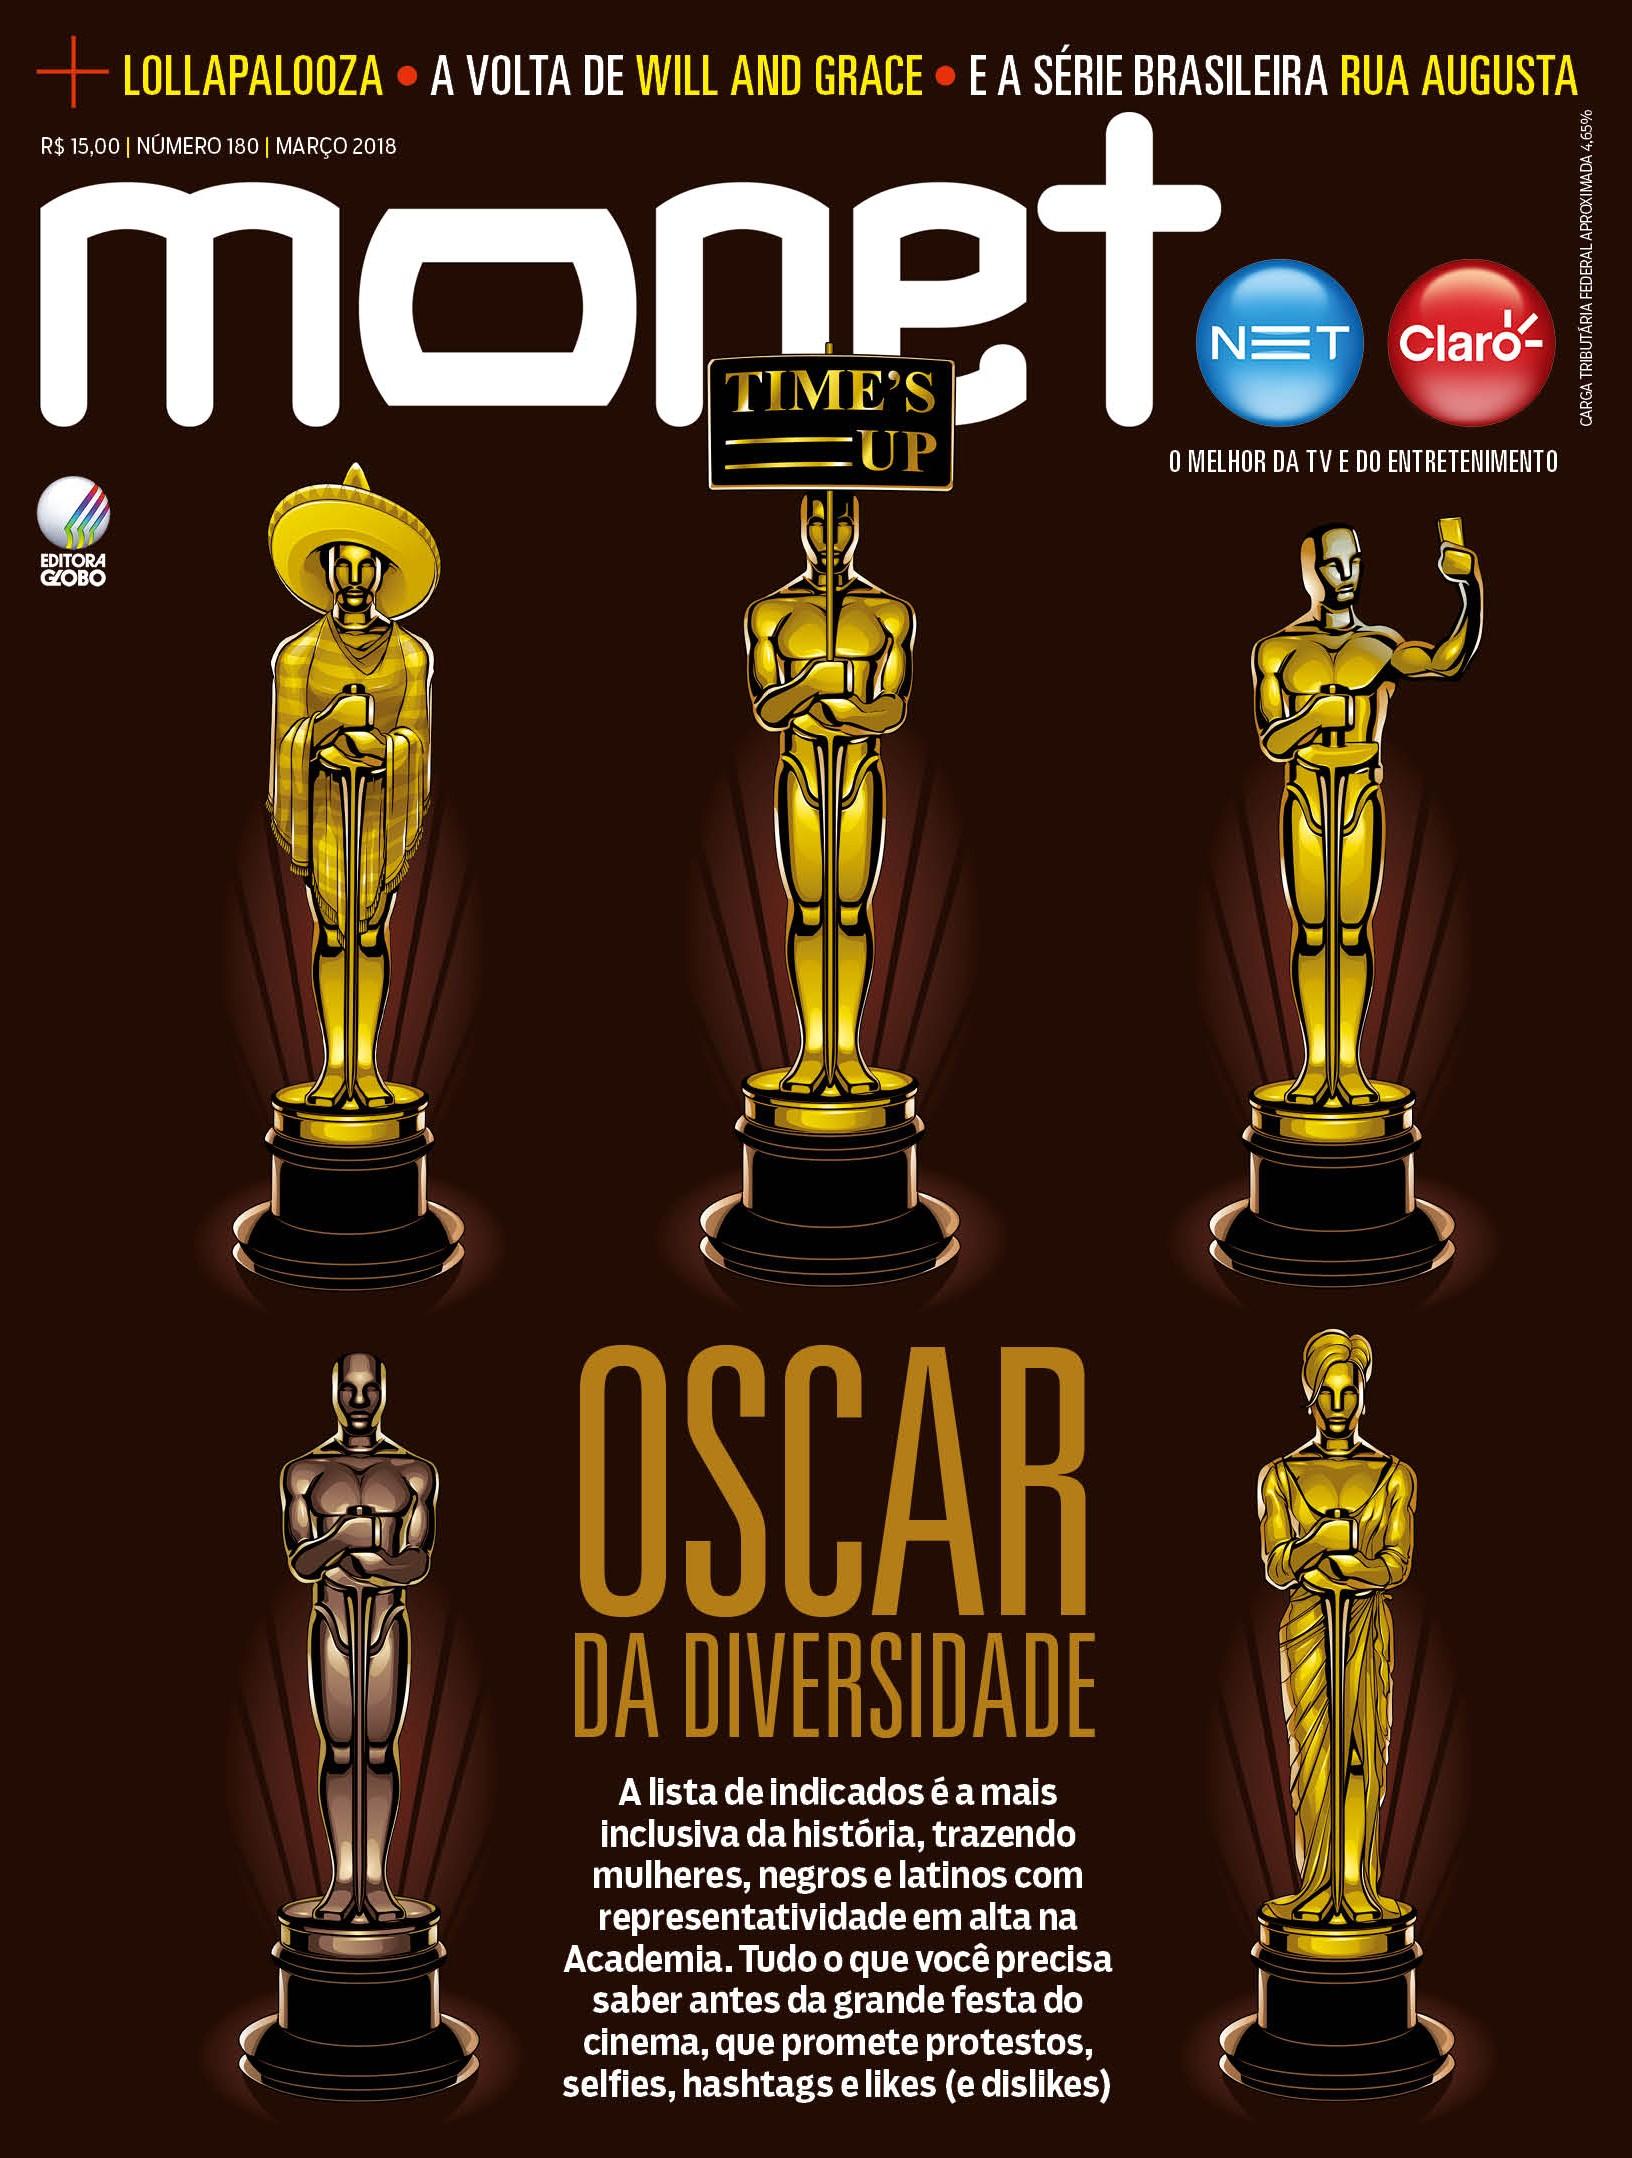 Revista Monet - Edição 180 - Março/2018 (Foto: Revista Monet (Ilustração: Cristiano Siqueira))